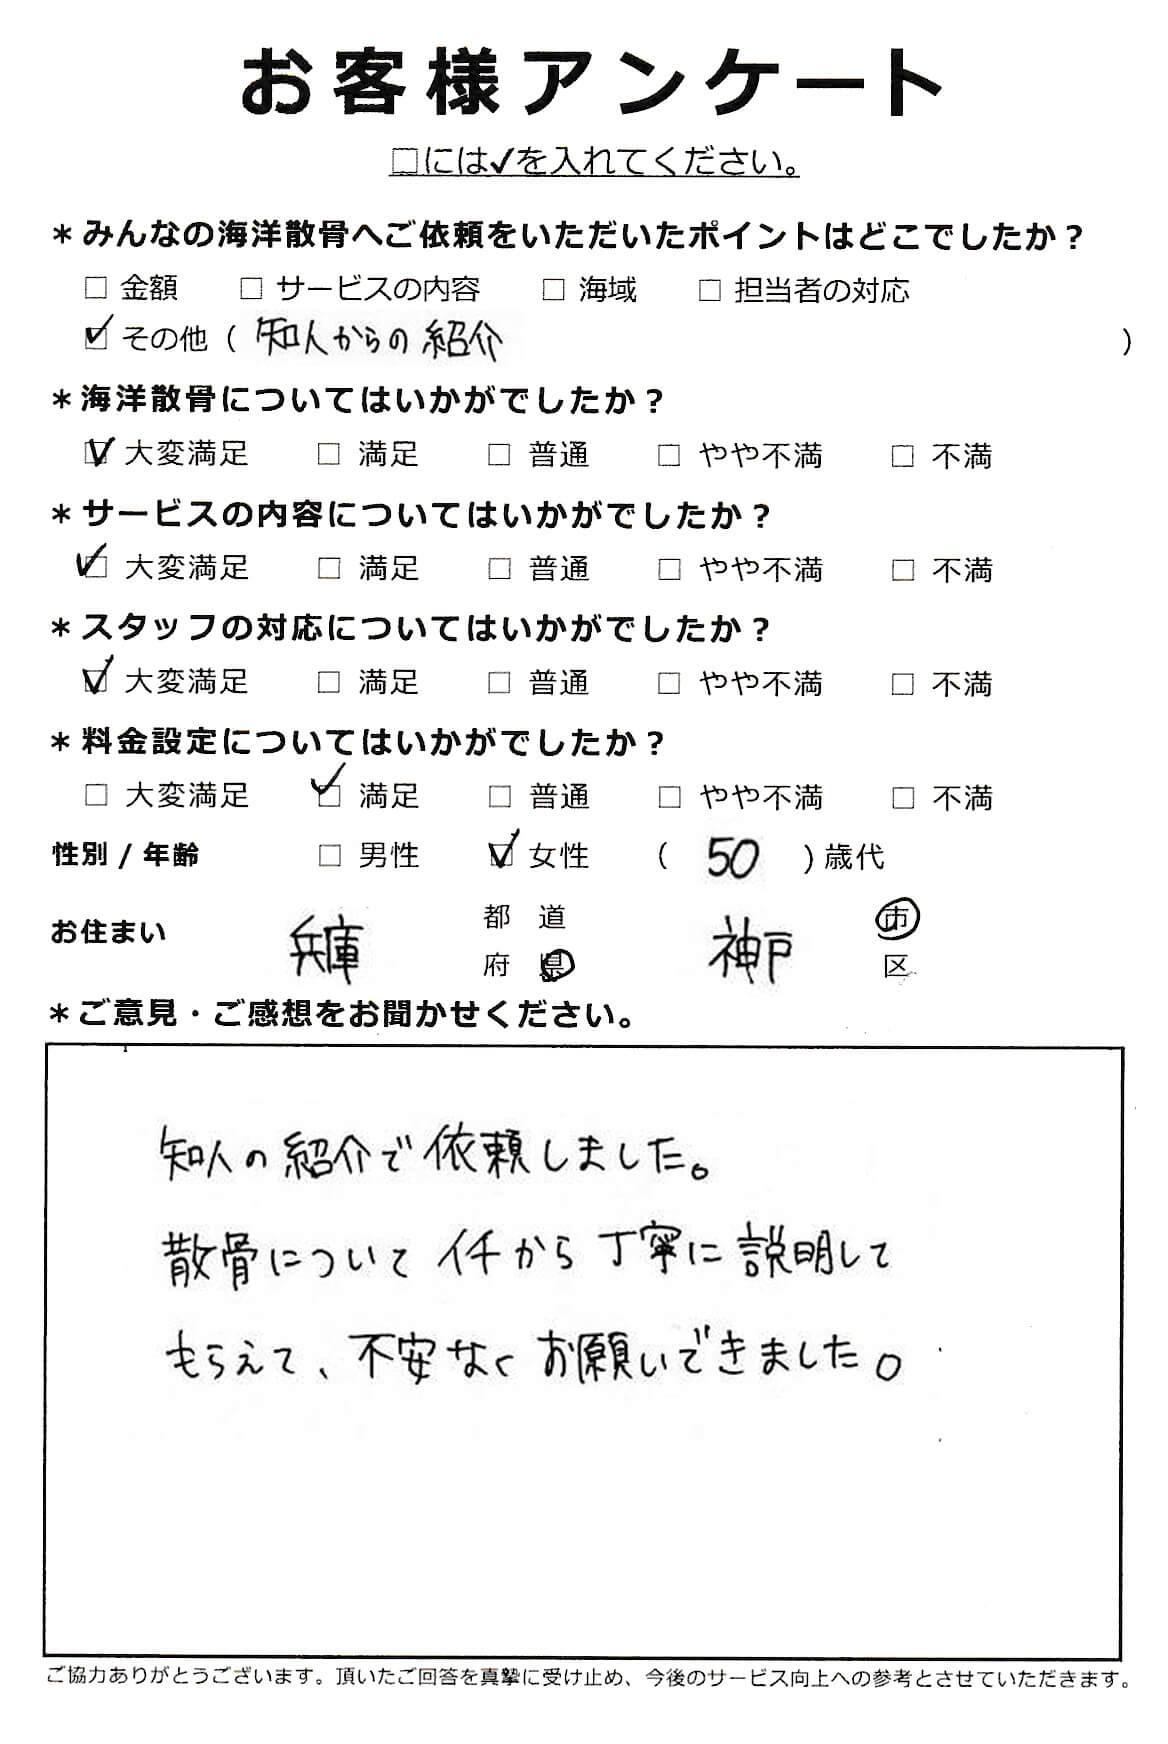 兵庫県神戸市 50歳代女性 代行委託散骨